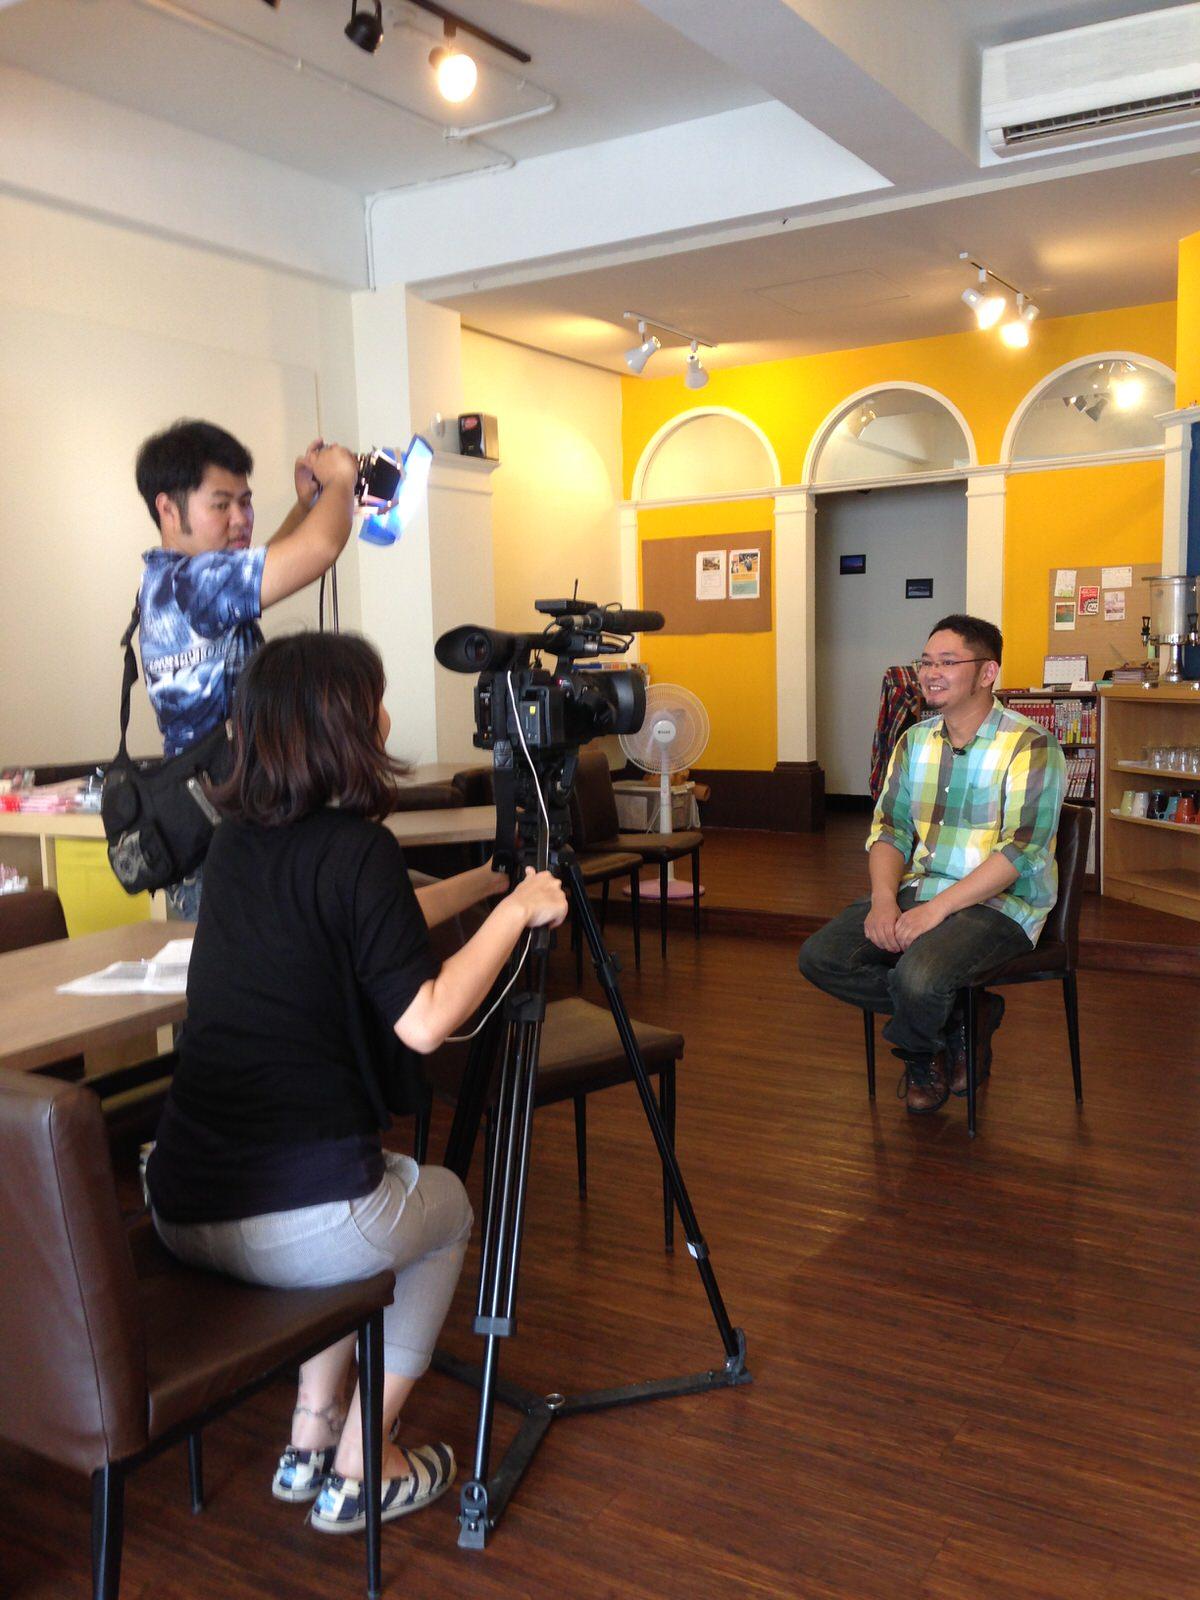 大愛節目來採訪TIL space喔!!/台湾のTV番組「大愛節目」の取材が入りました!